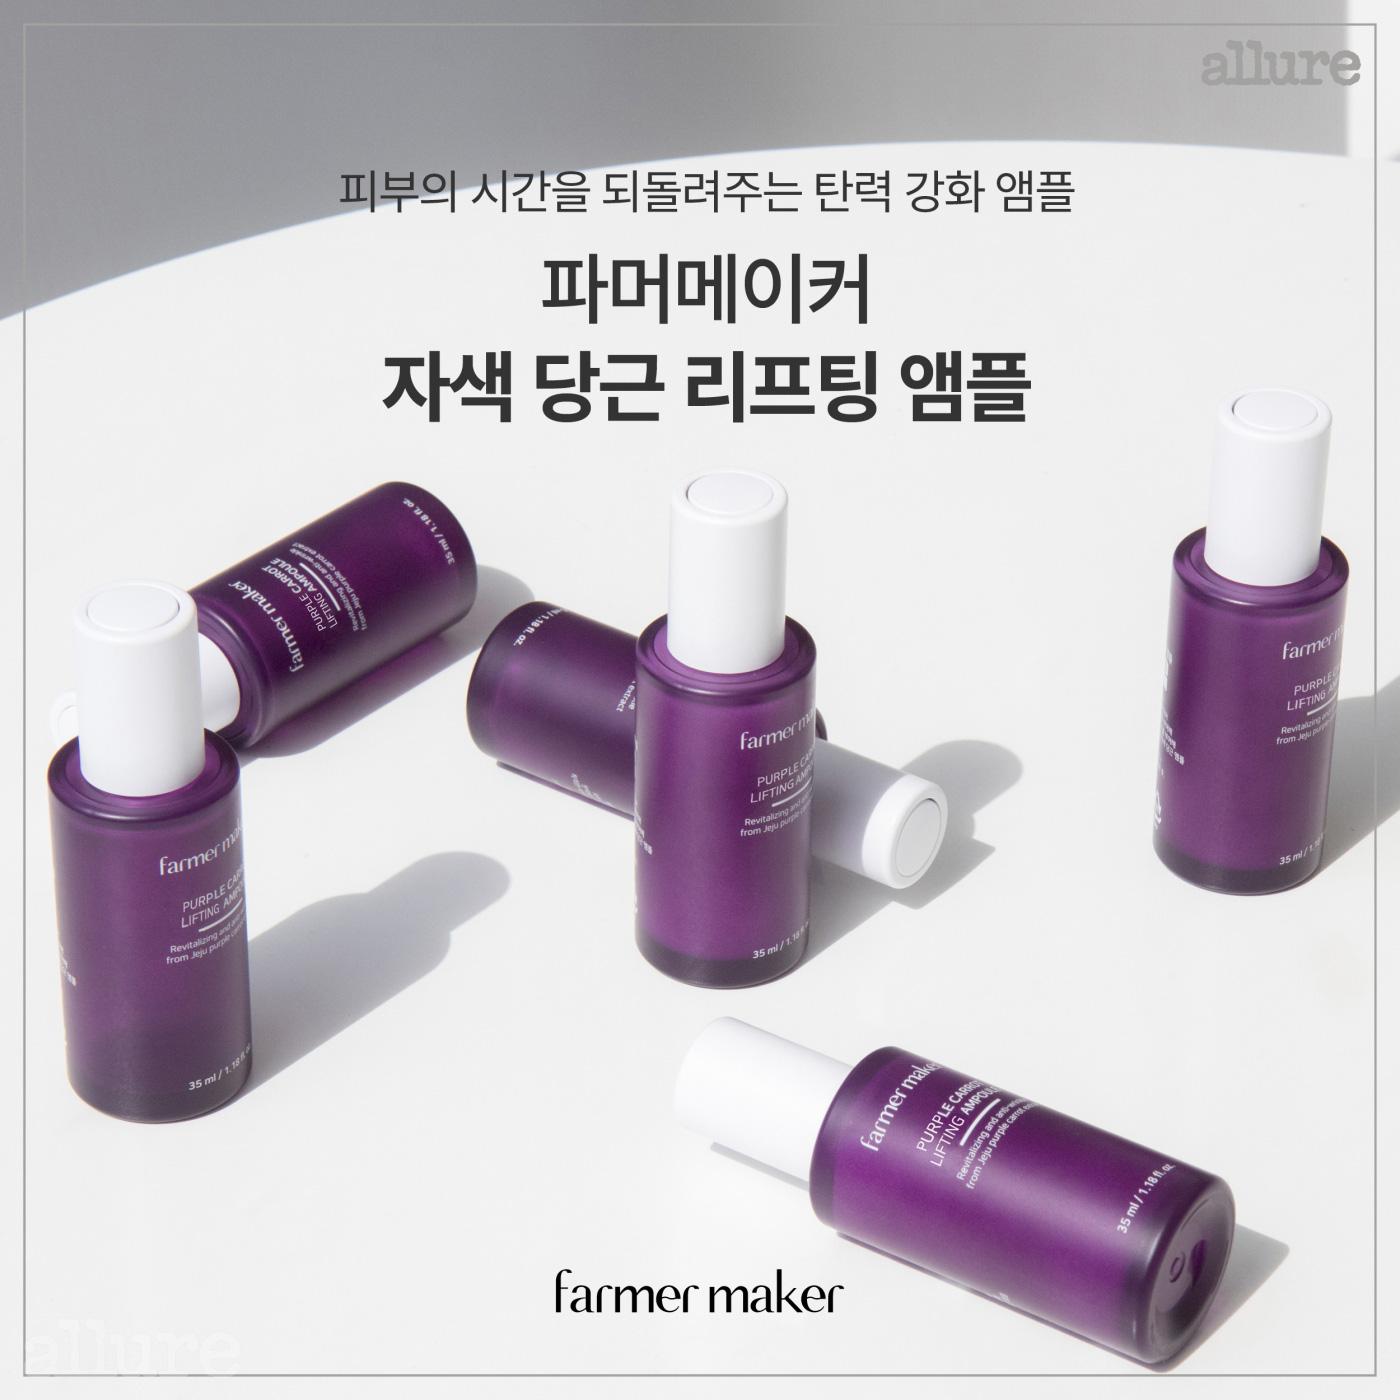 CARD 품평단 파머메이커 최종6